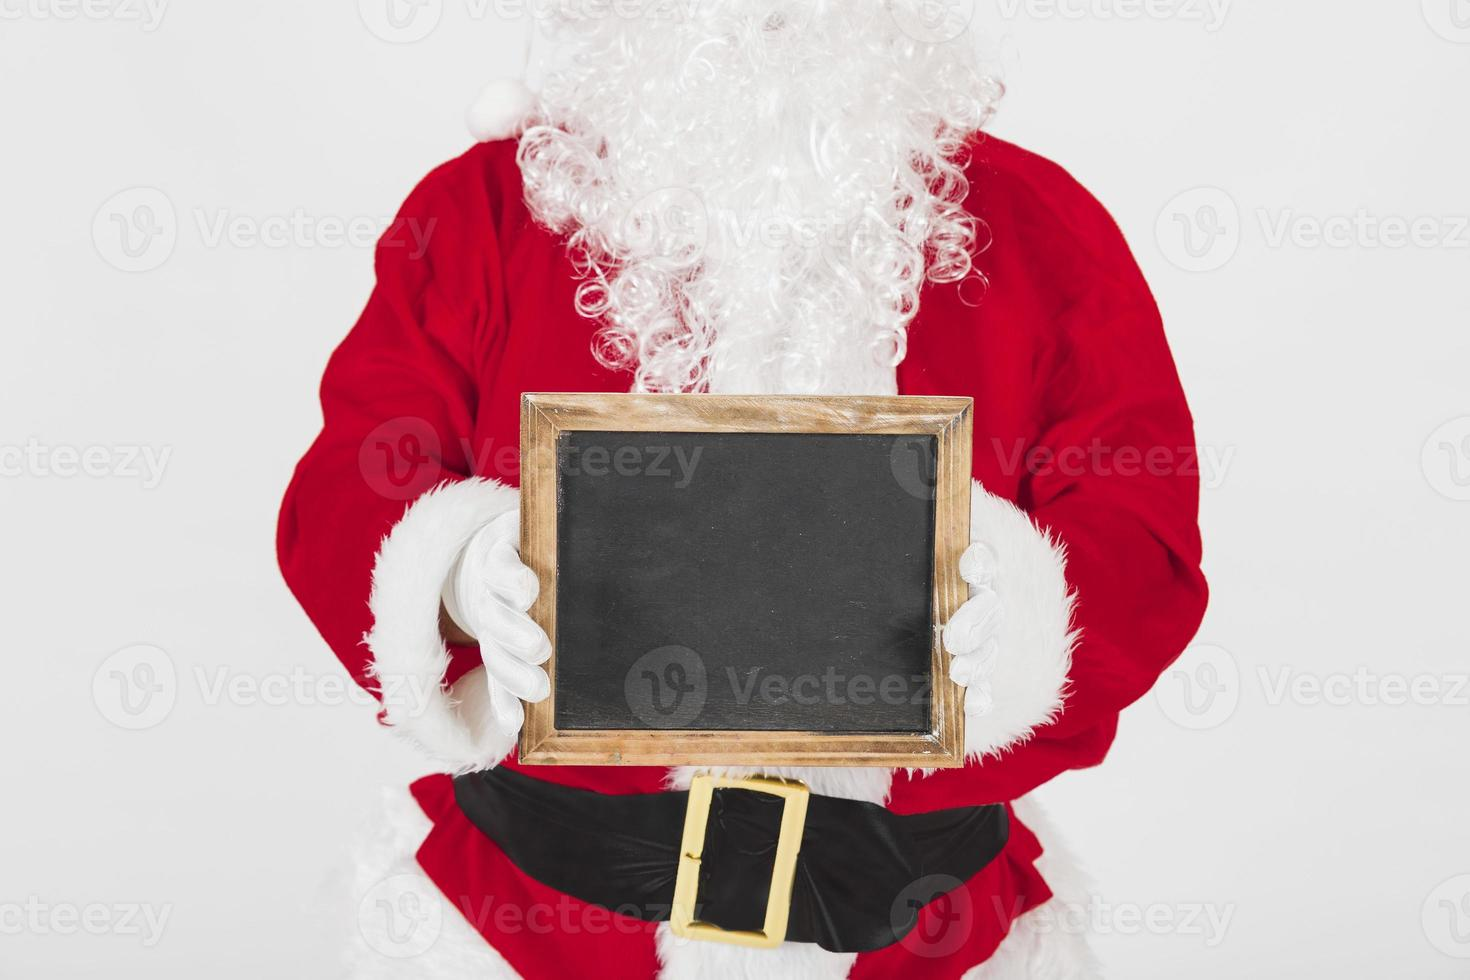 jultomten visar tom träram foto